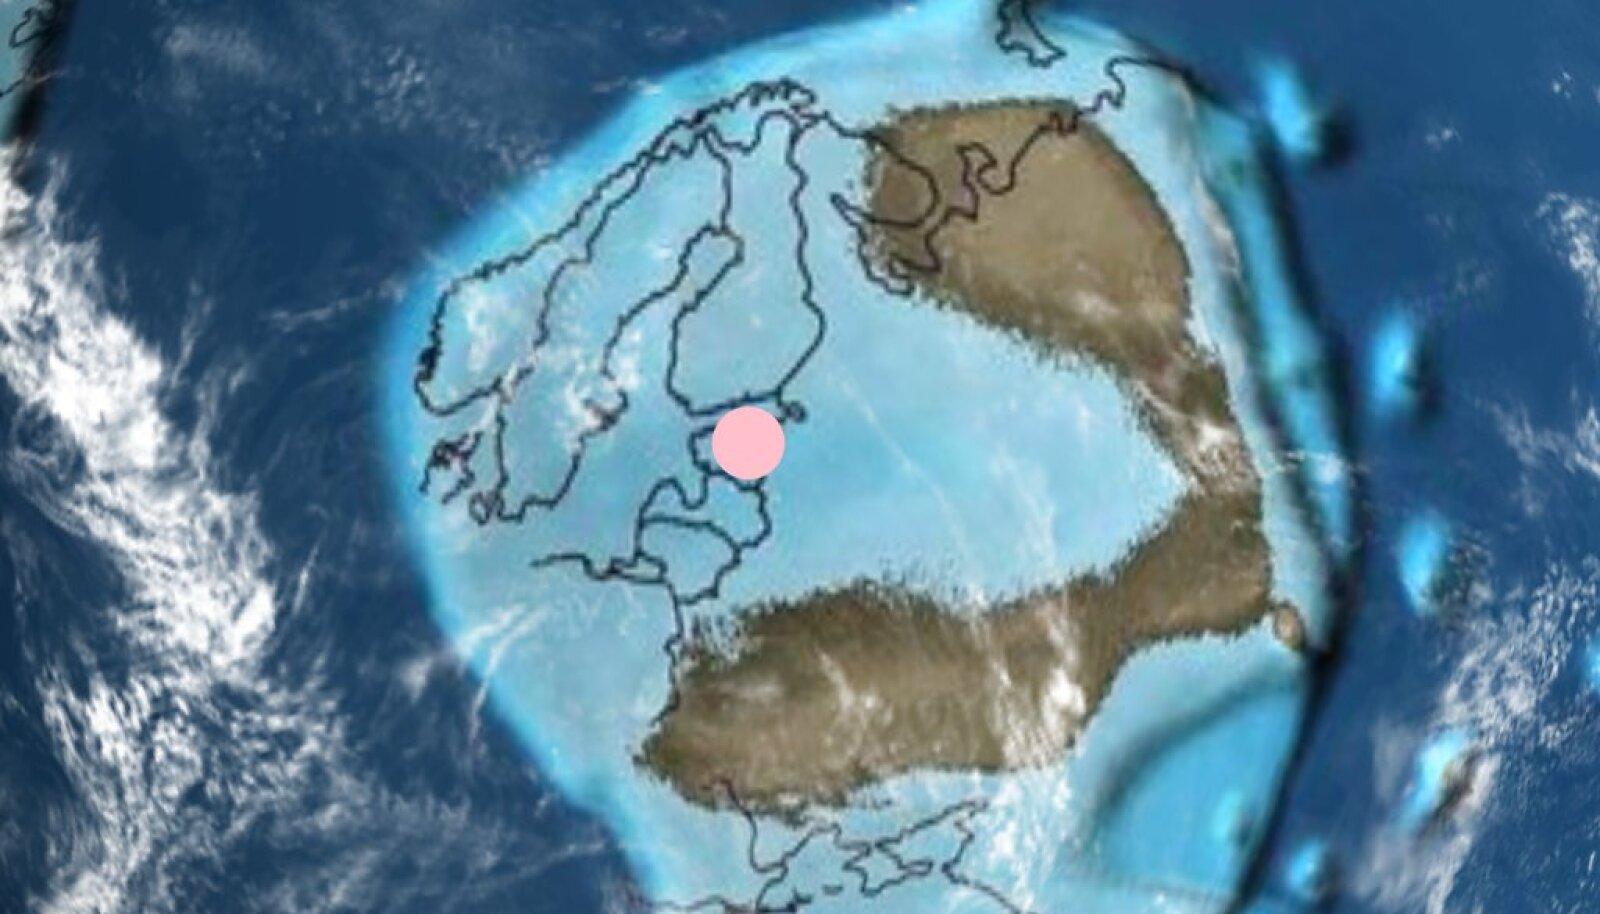 Rakendus tunnistab näiteks, et umbes 470 miljonit aastat tagasi, kui välja oli kujunemas hulkrakne elu, olid nii Eesti kui ka otsingusse pandud Mustvee linn alles vee all.